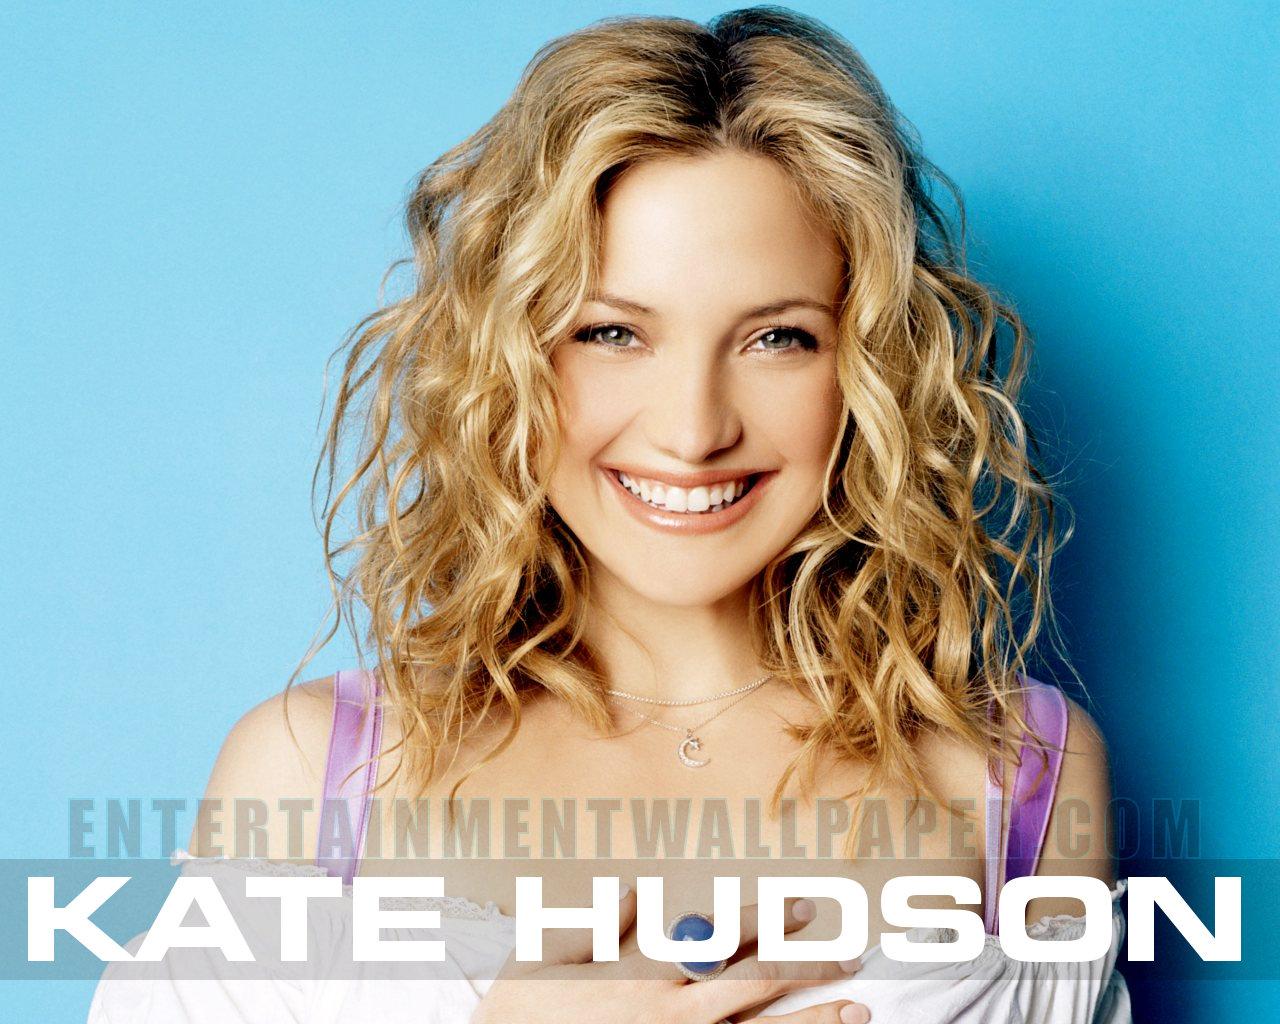 http://3.bp.blogspot.com/-wmqLBrpiqxg/TzupVQ6Q0VI/AAAAAAAAB2U/CNN82XEeTGU/s1600/Kate+Hudson+6.jpg